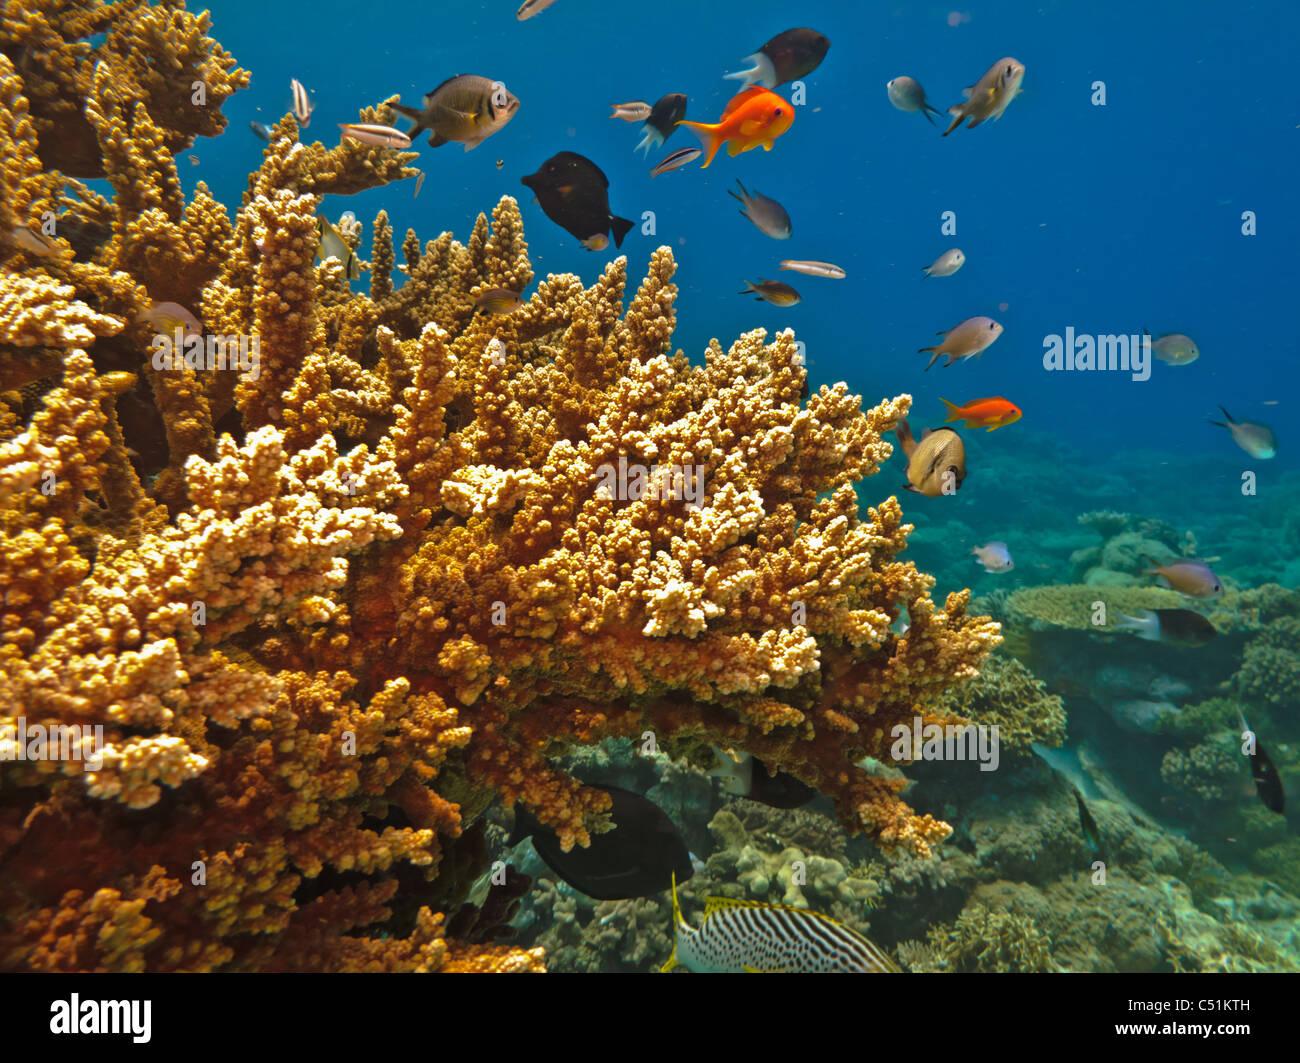 Stony Coral Kolonien und einer Vielzahl bunter Fische am Great Barrier Reef Australien Stockbild